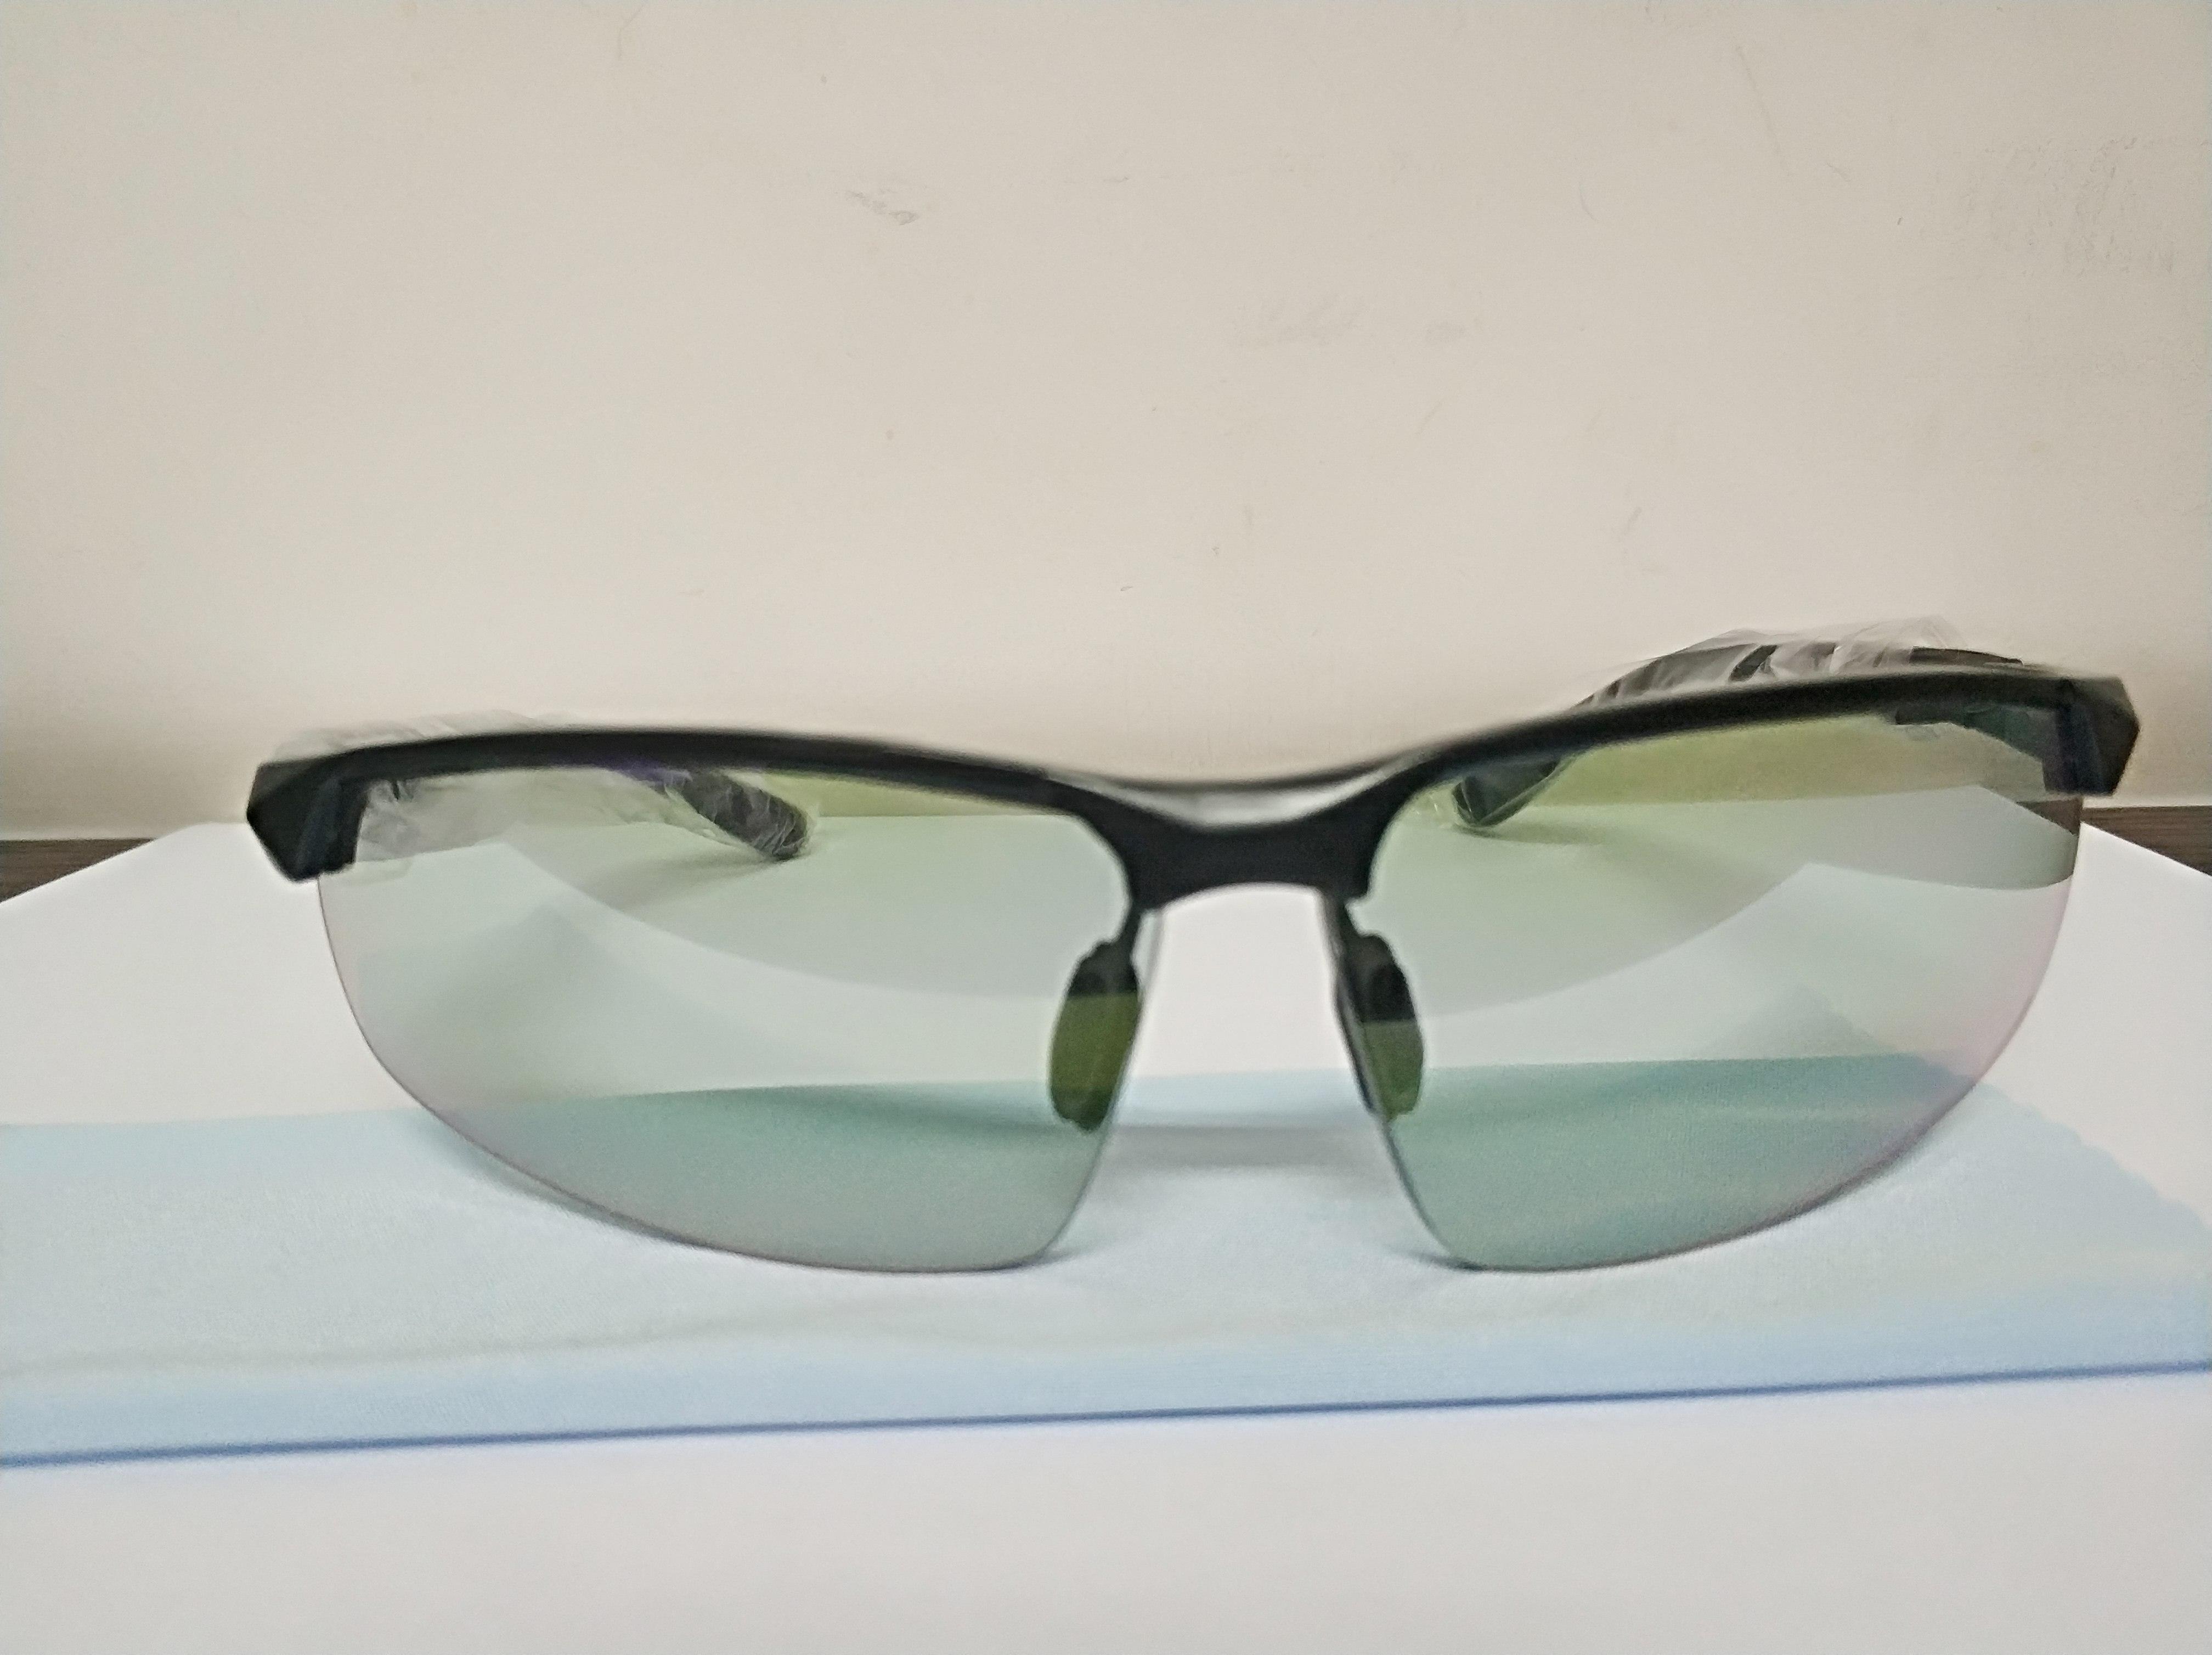 高性能防微波眼镜飞行员防辐射眼镜  PKX33